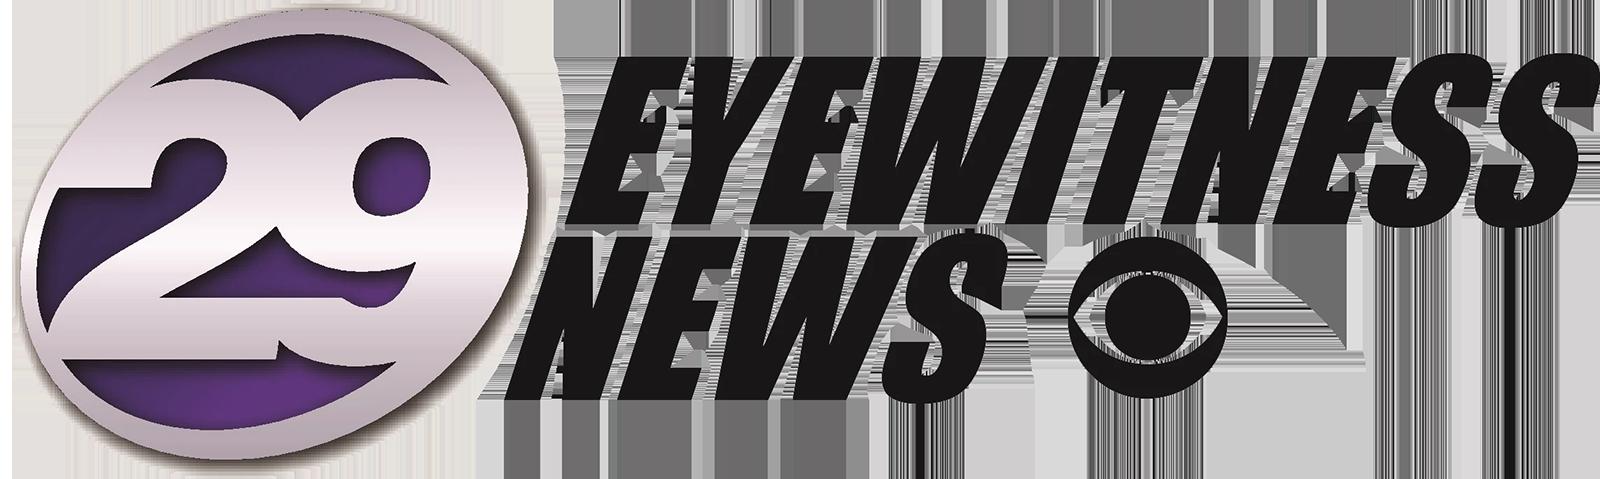 KBAK TV logo